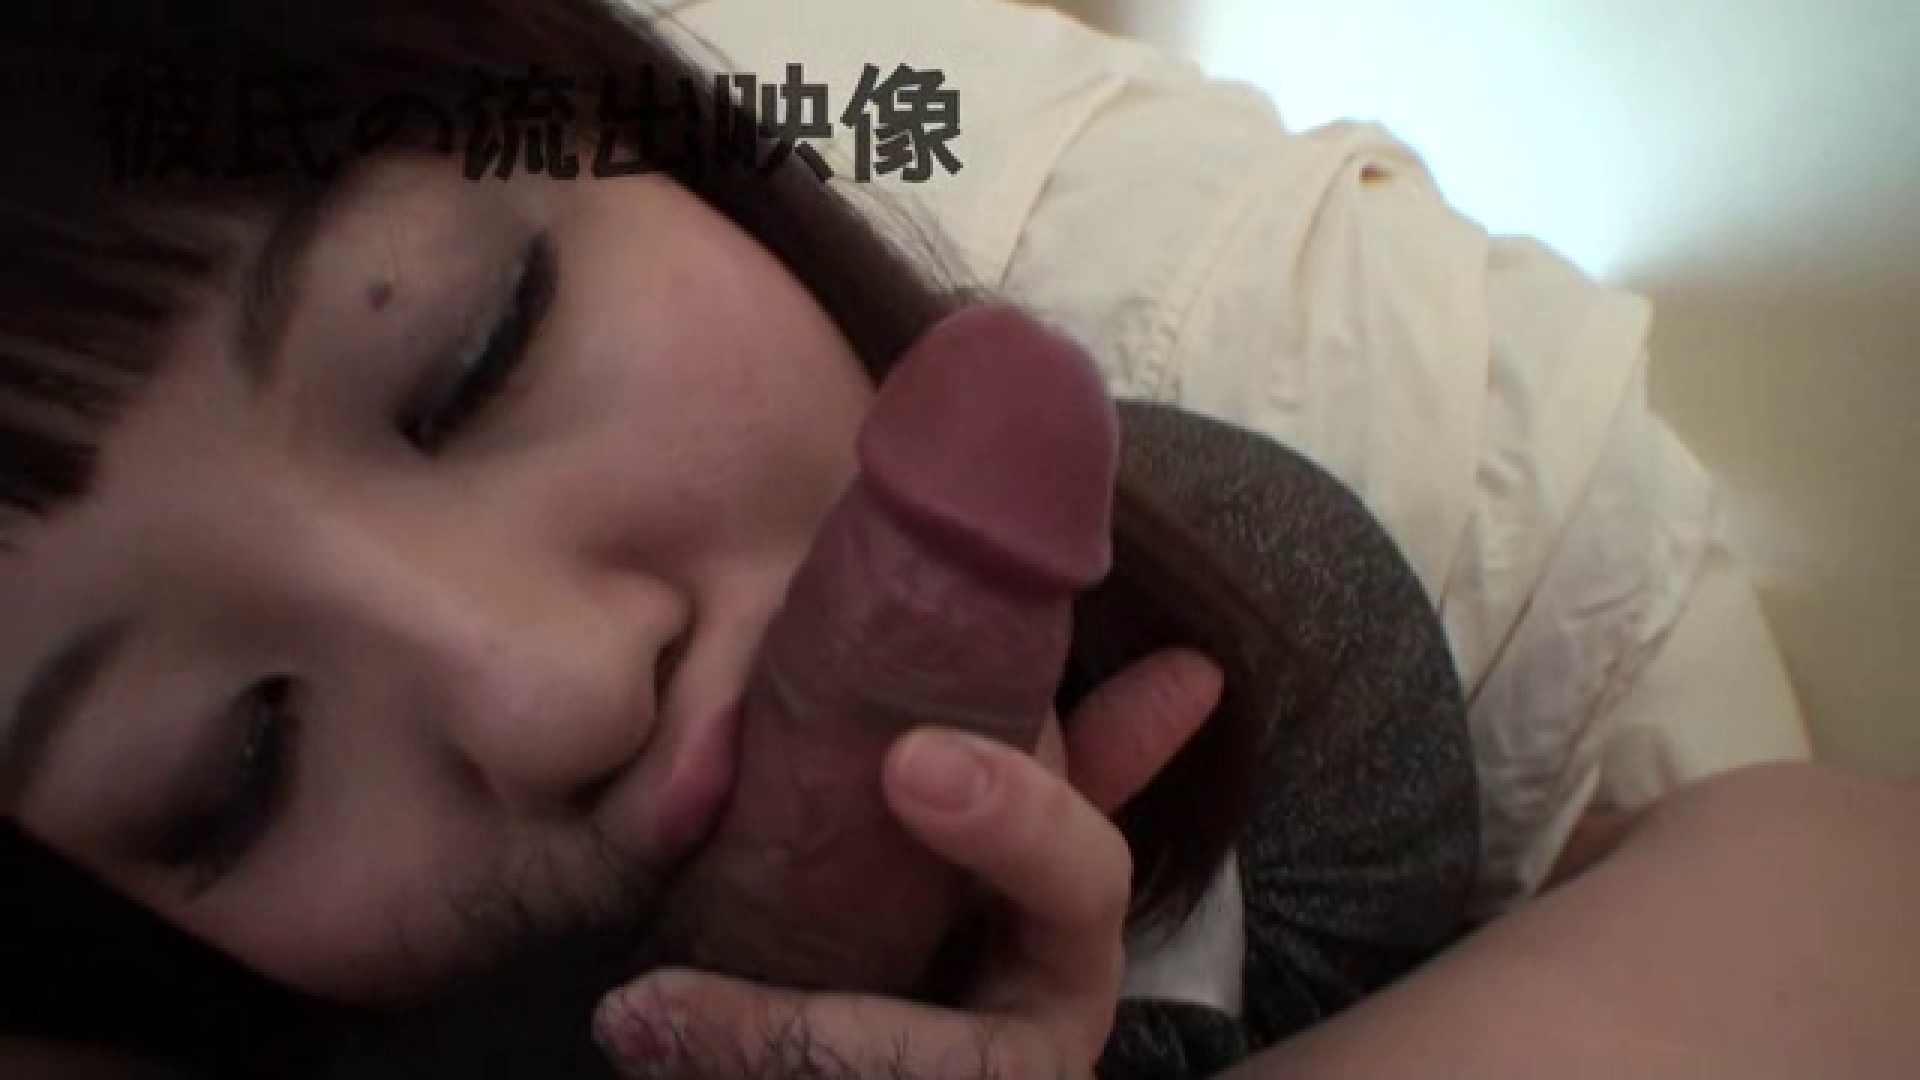 彼氏が流出 パイパン素人嬢のハメ撮り映像05 パイパンギャル | 一般投稿  72画像 13